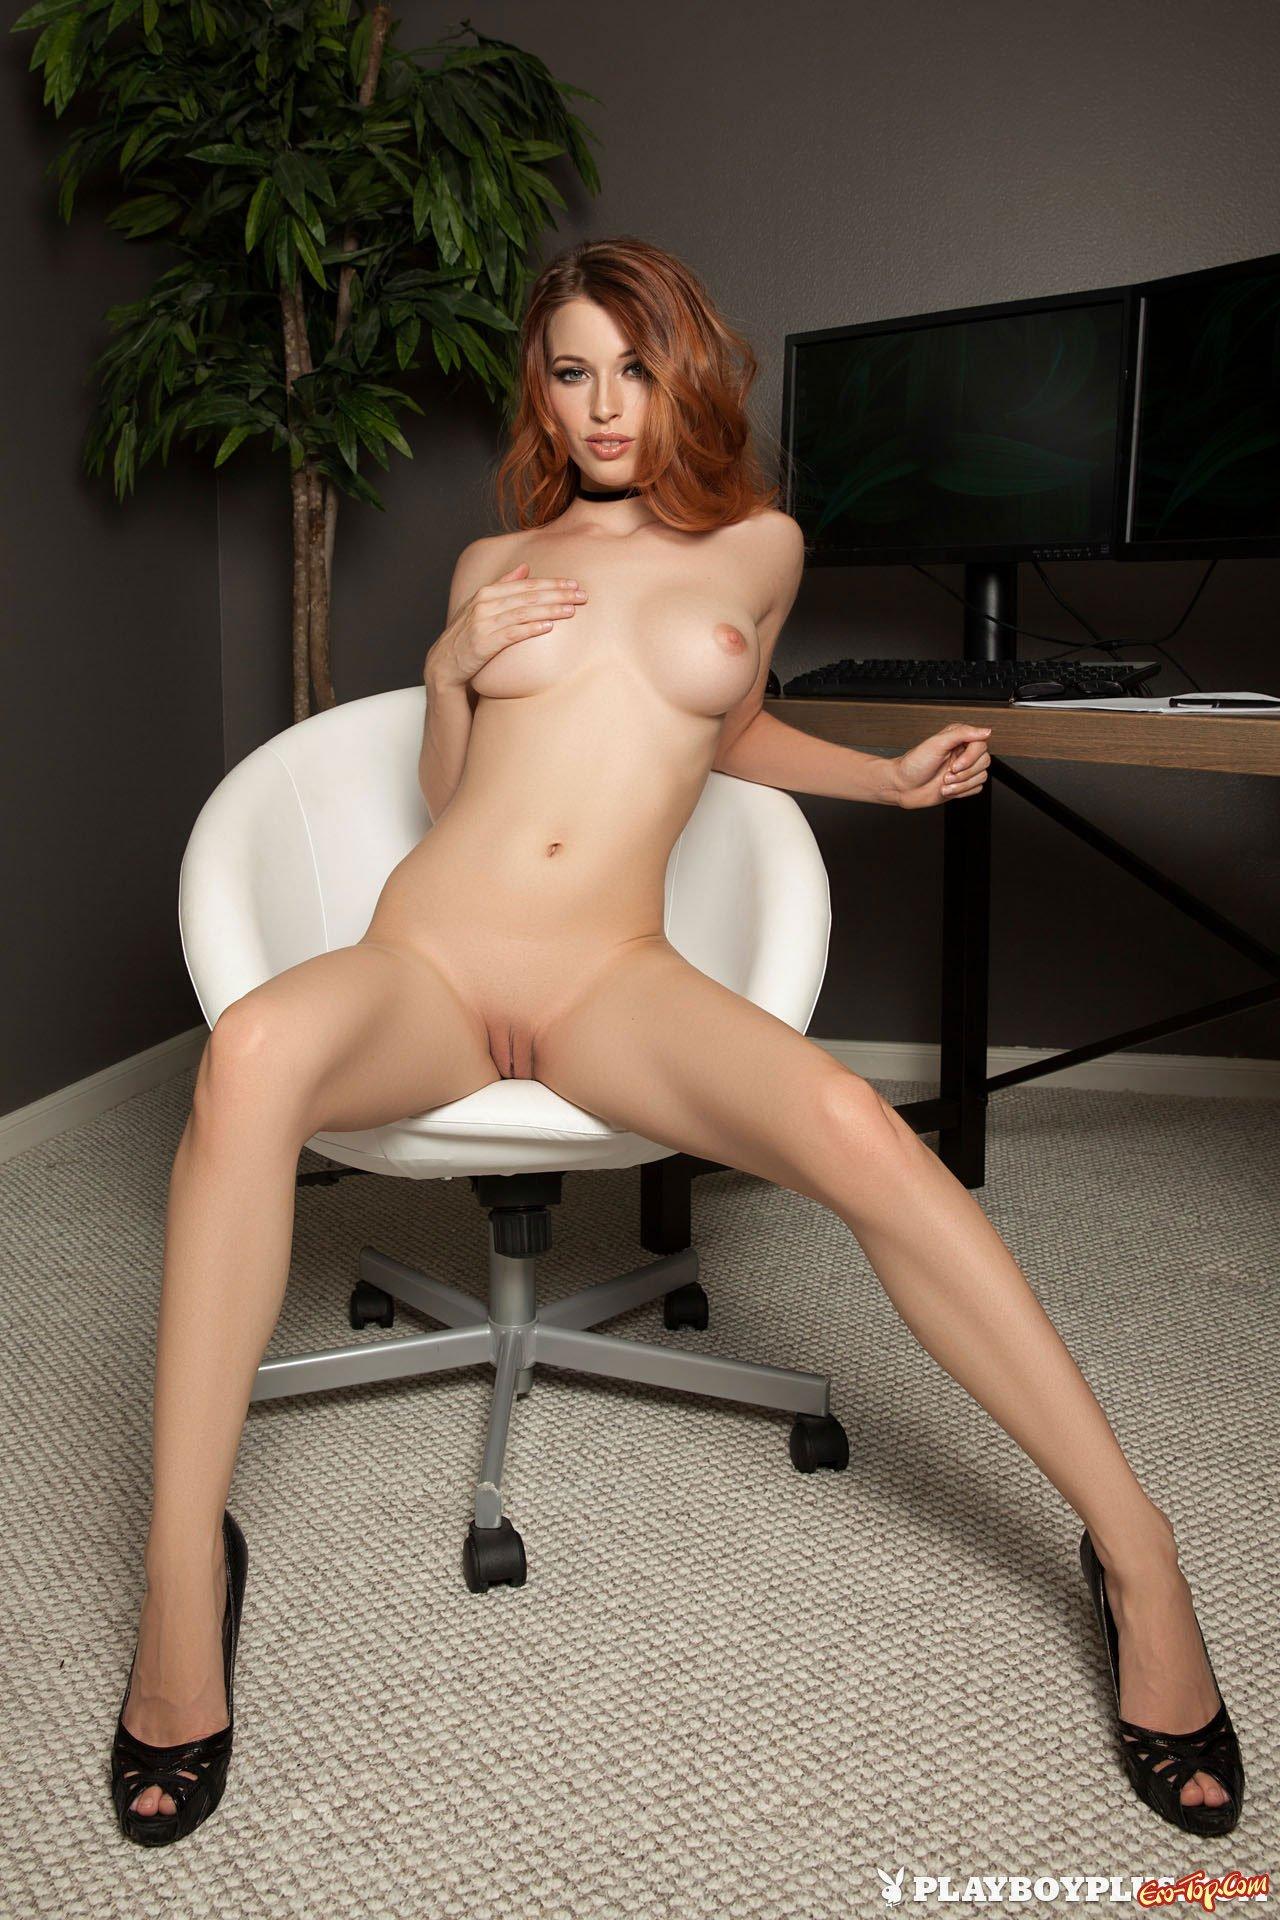 Девушка из плейбоя с большими сиськами фото